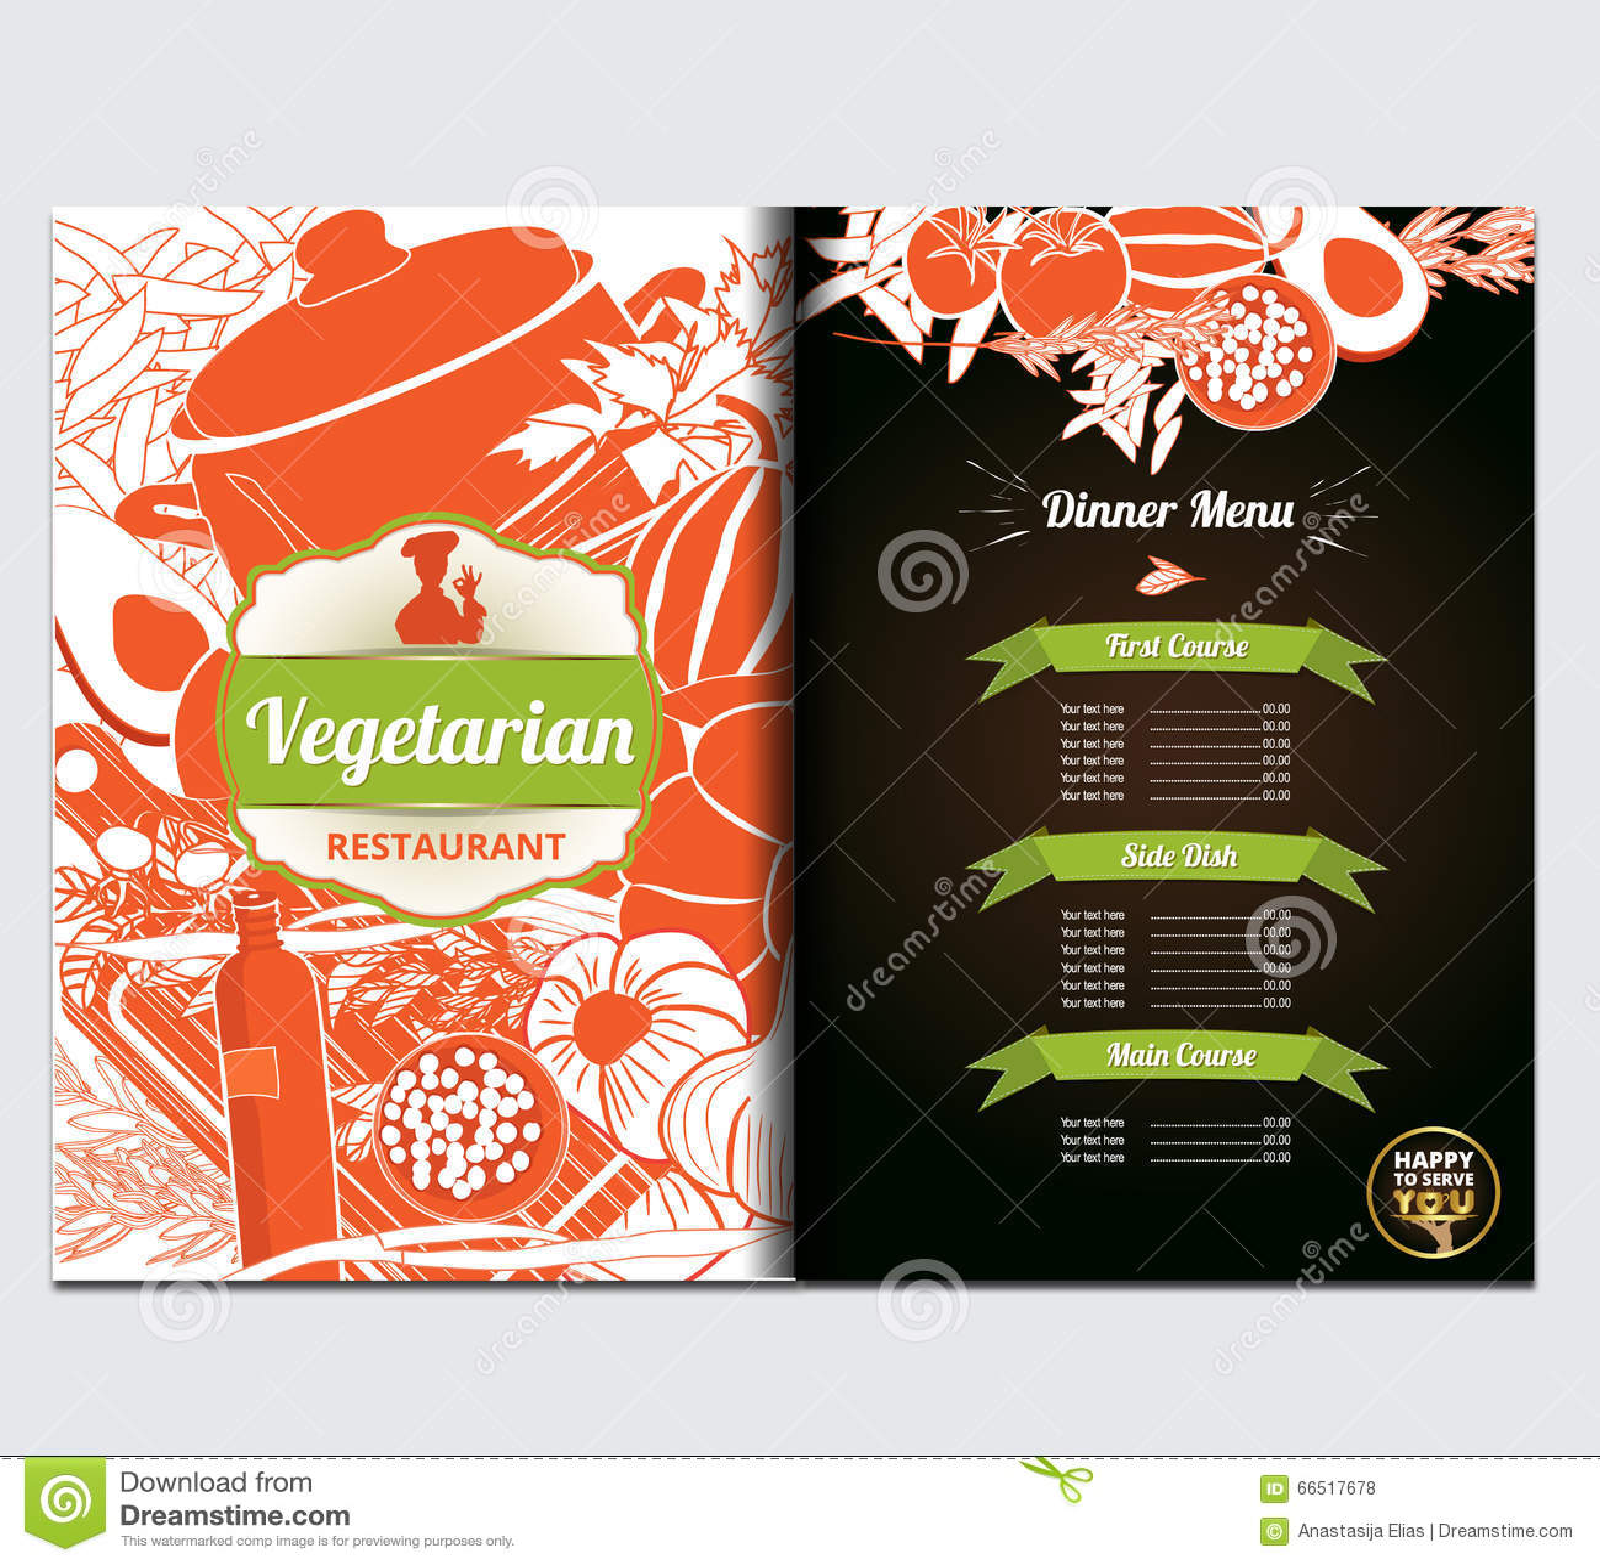 Restaurante Vegetariano, Menú Del Café Plantilla Del Diseño De La ...